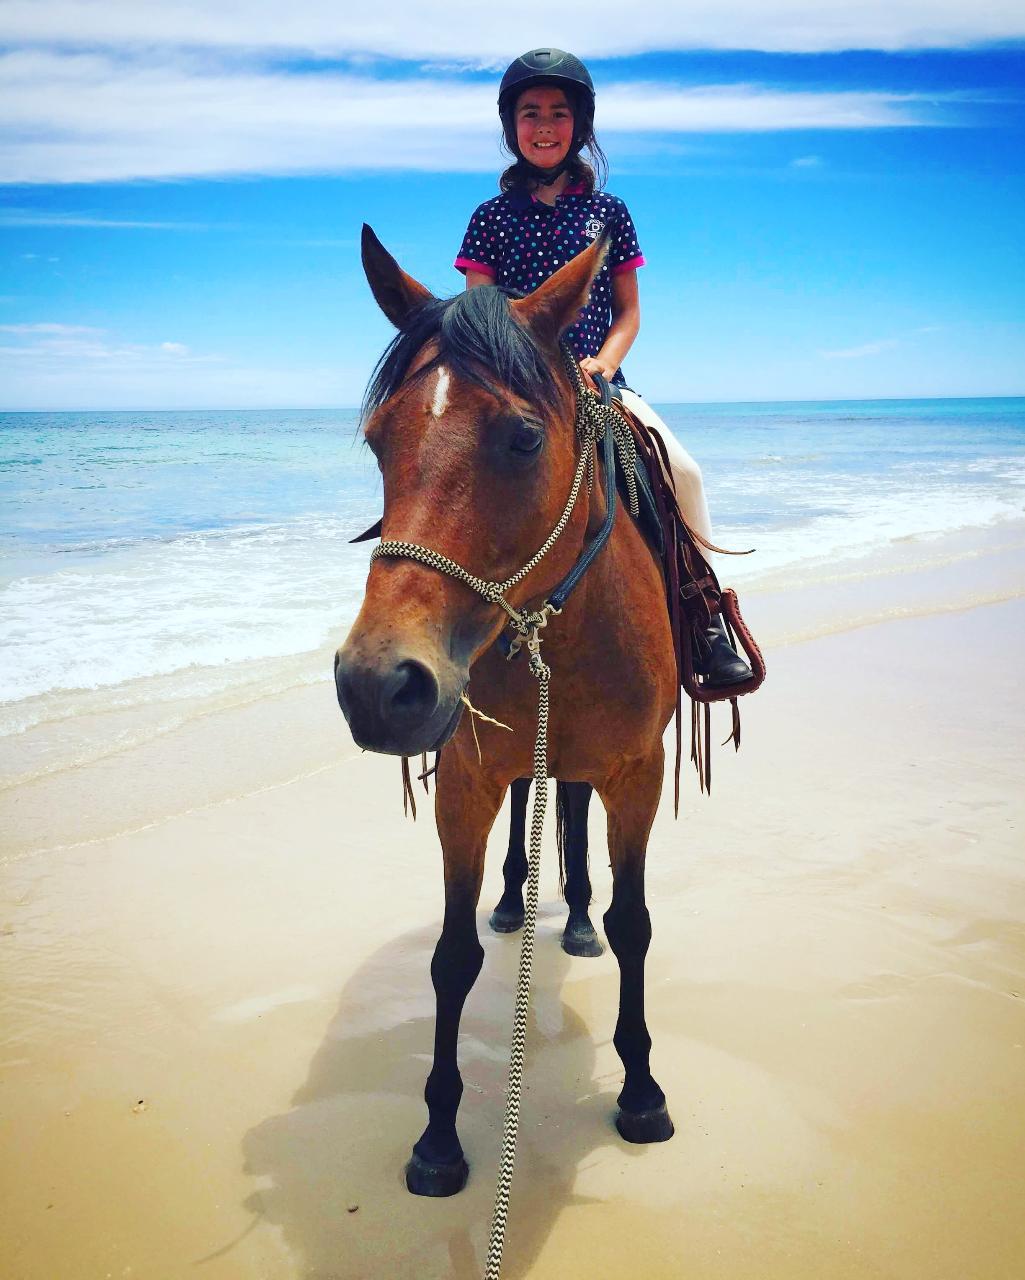 Silver Sands Beach Sunset Ride